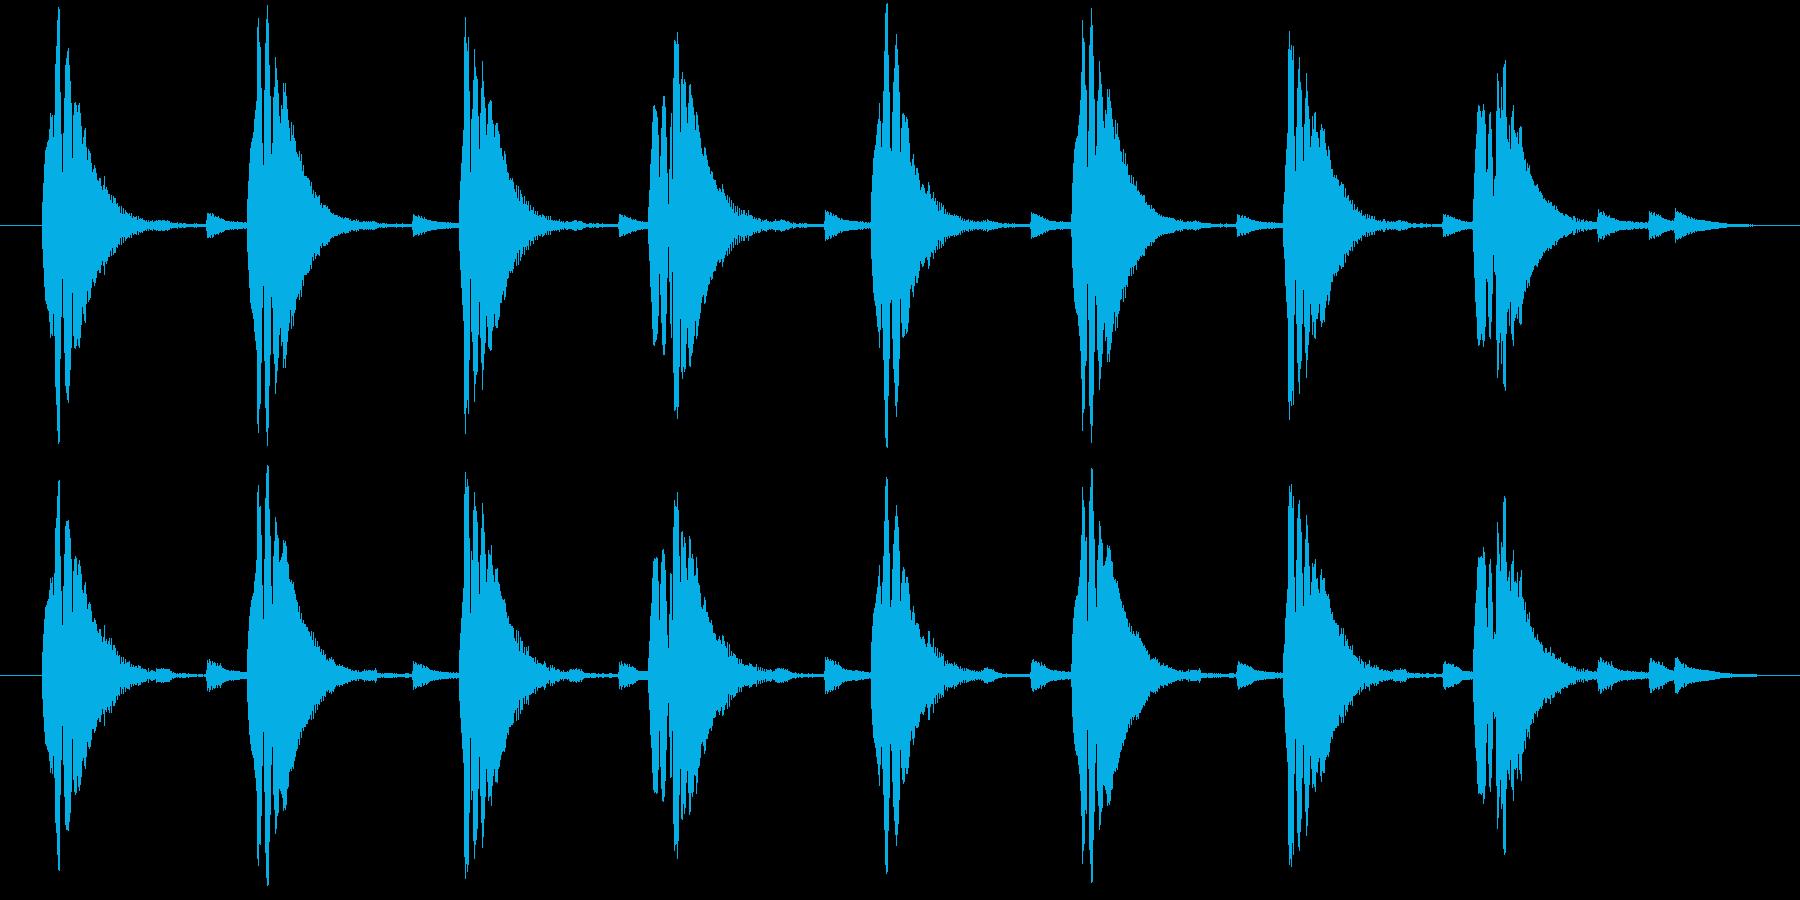 コミカルに何か近づいてくるようなジングルの再生済みの波形